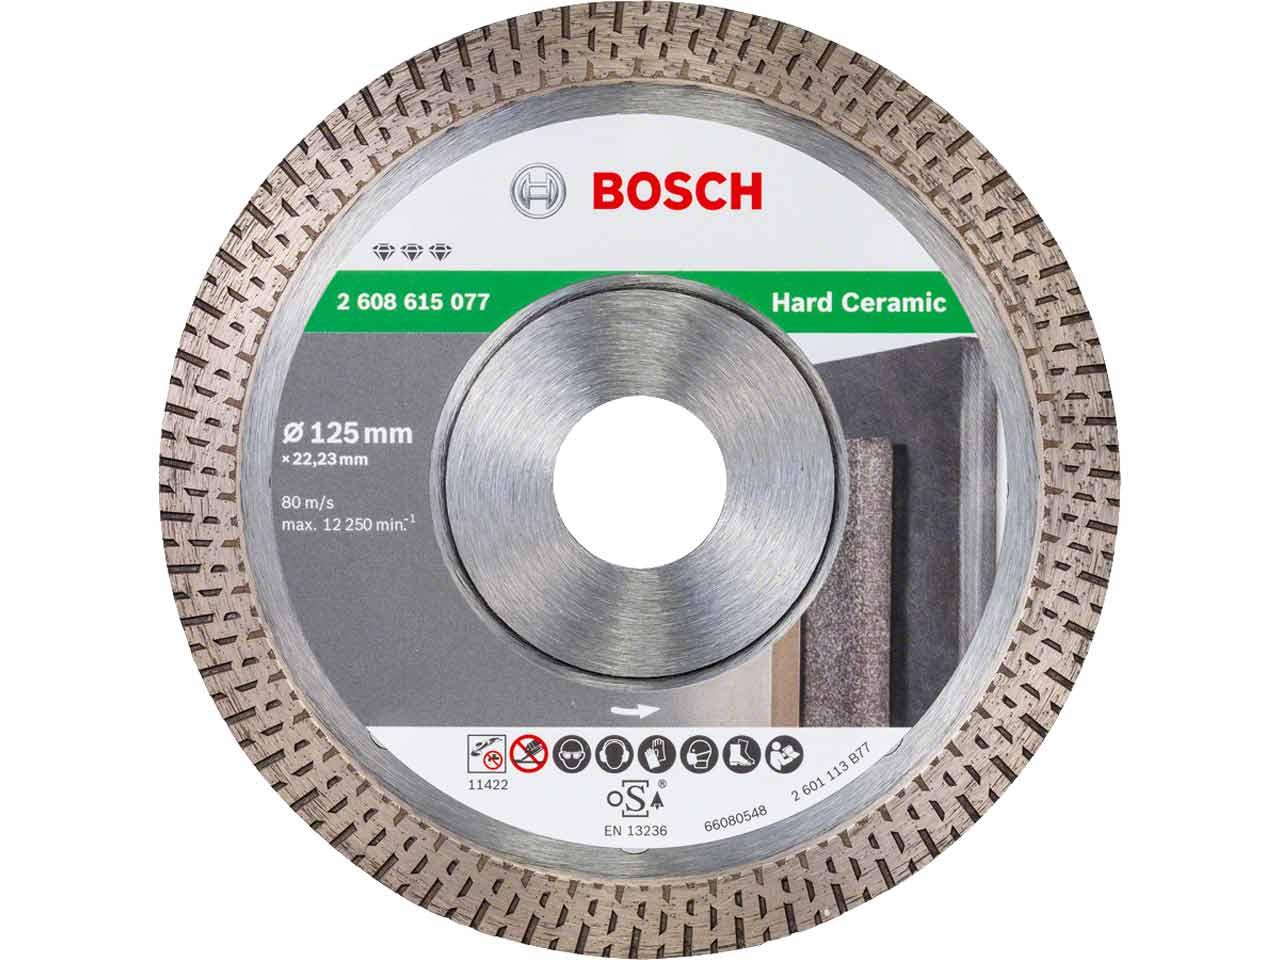 Bosch_2608615077.jpg